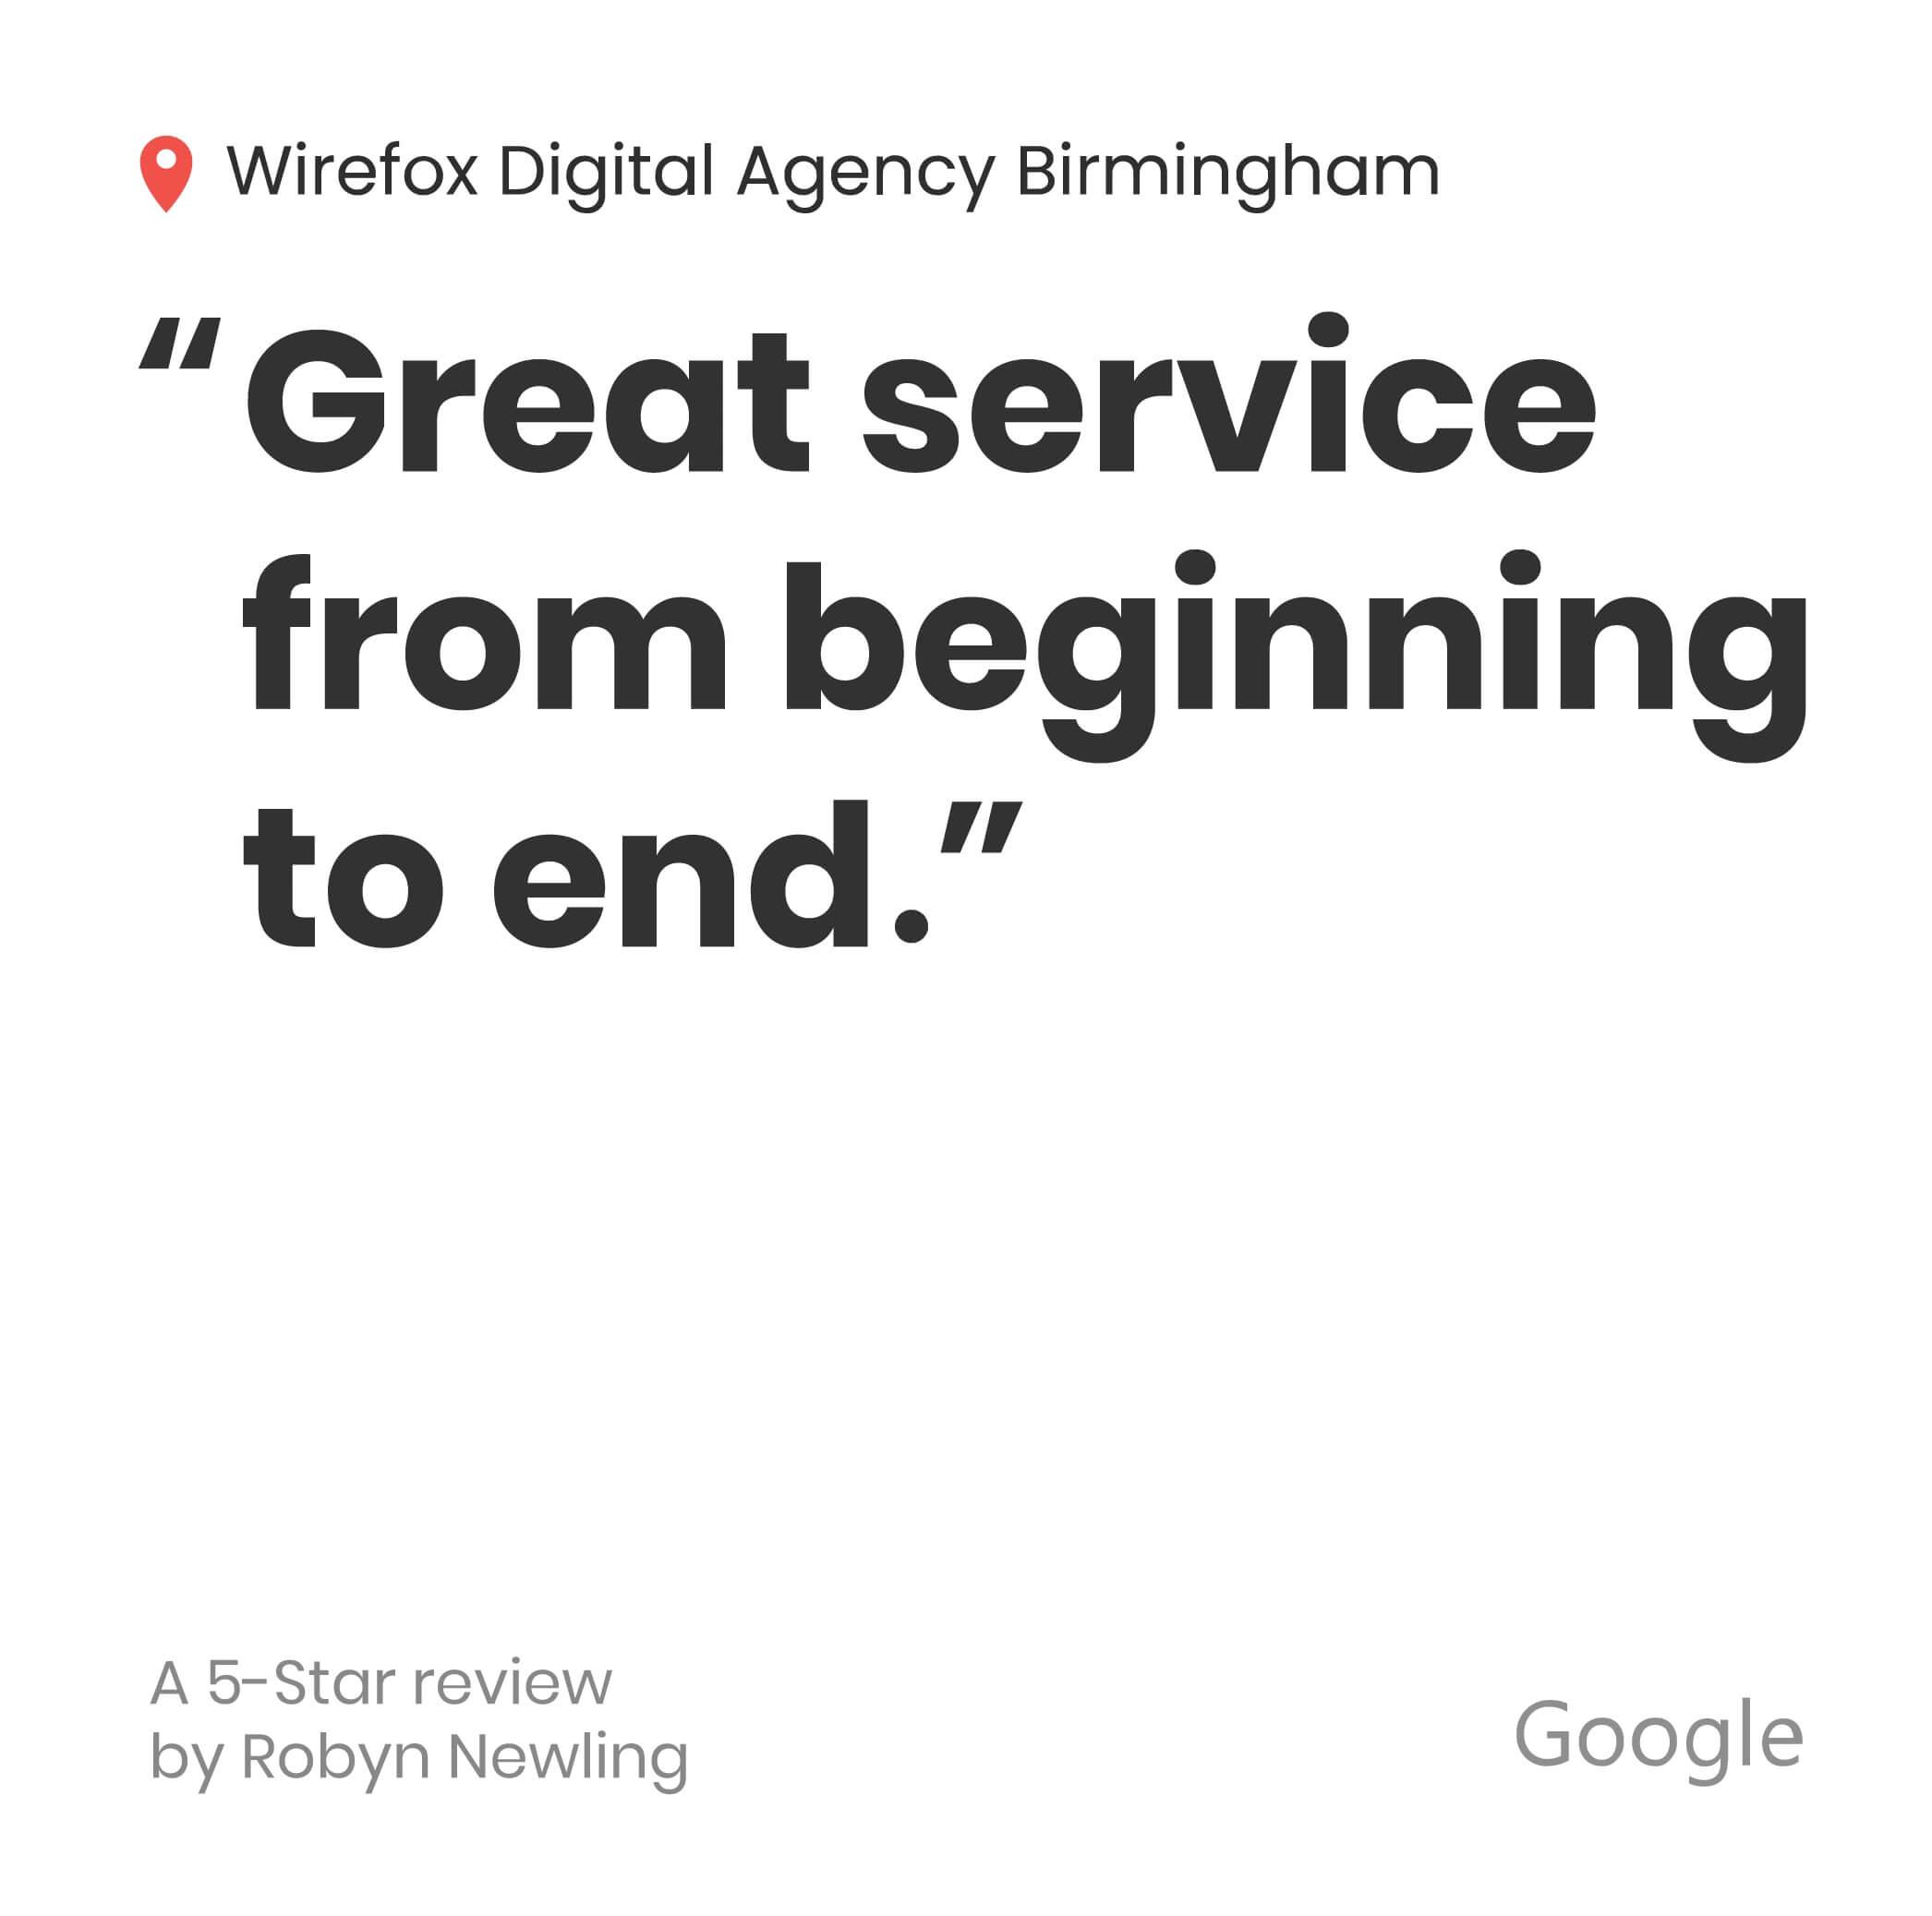 Wirefox Digital Agency